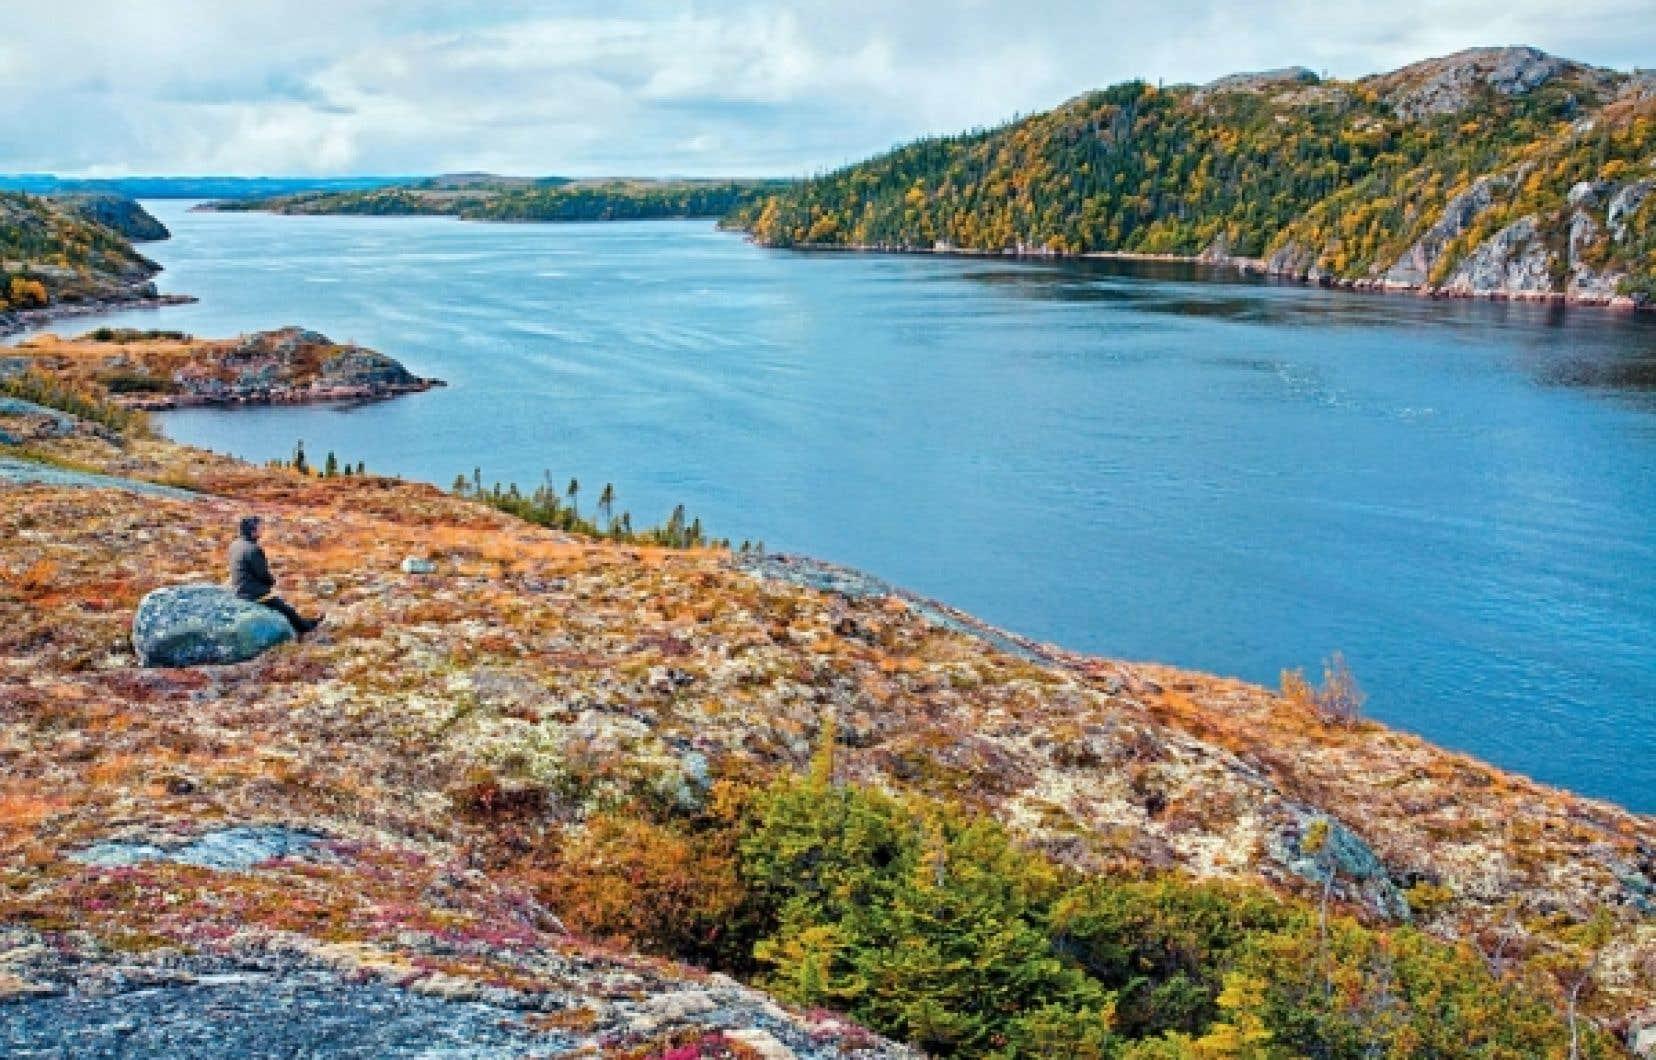 L'île d'Anticosti est reconnue pour sa flore, sa faune et ses rivières à saumon.